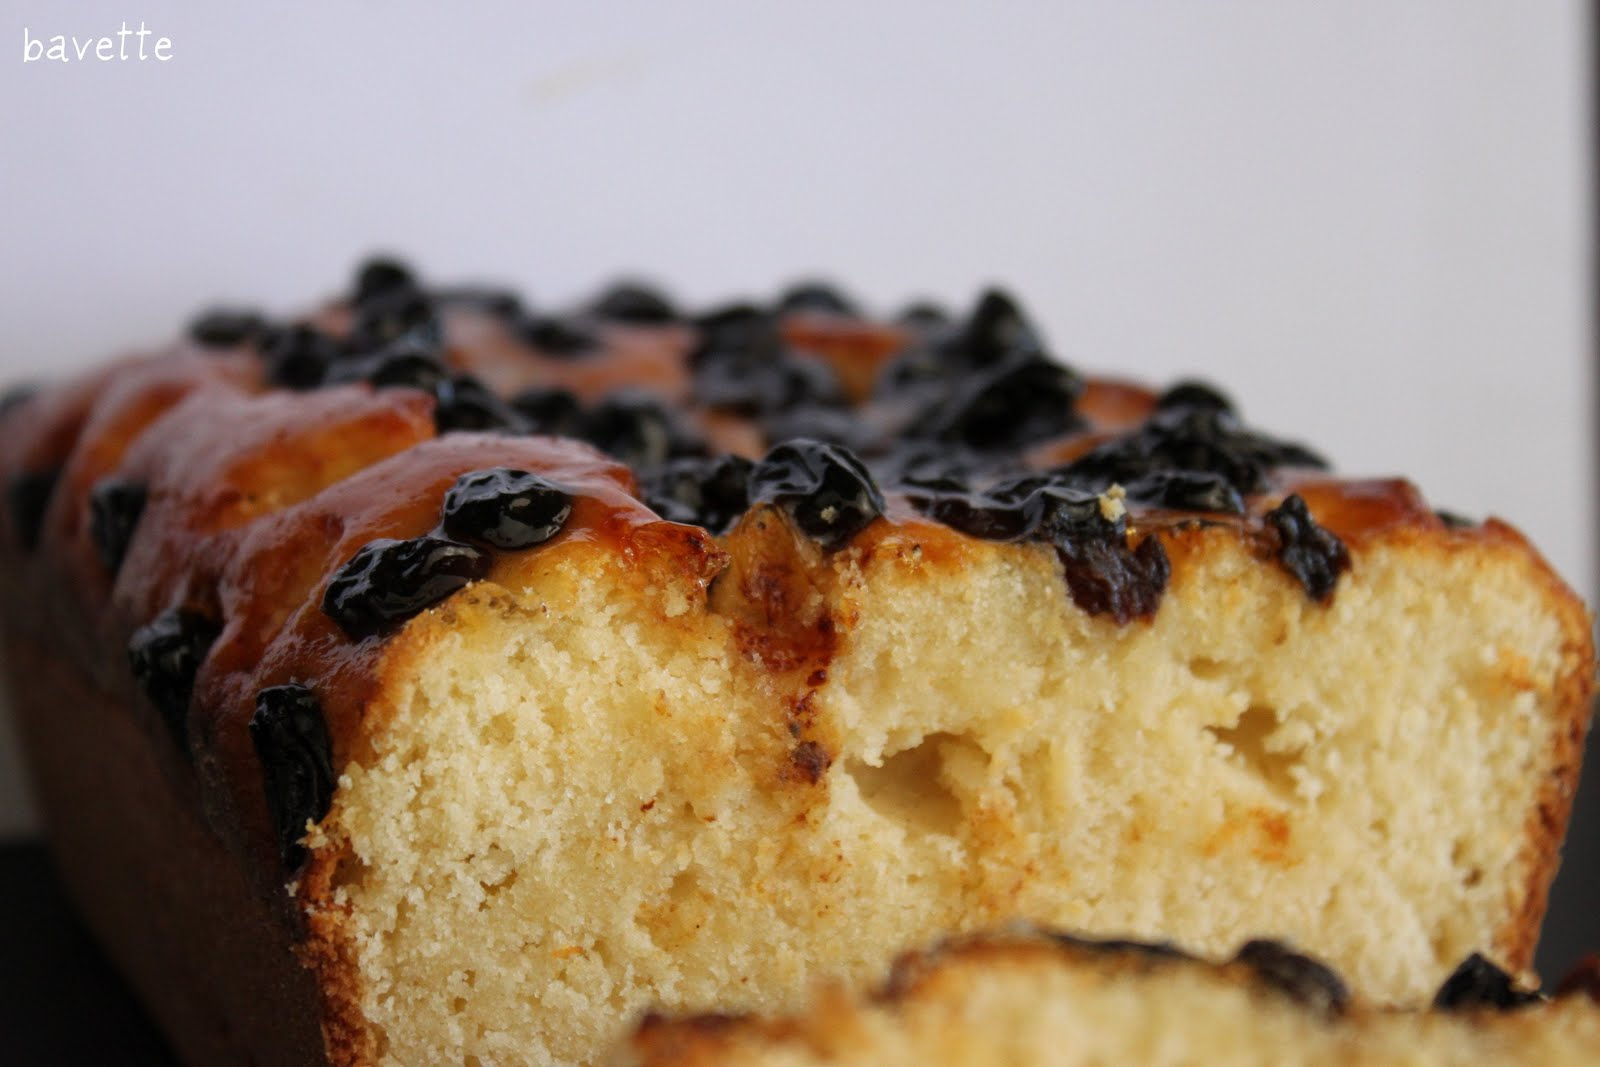 Torta soffice di ricotta con uvette saltanina. bizcocho de ricotta y uvas pasas